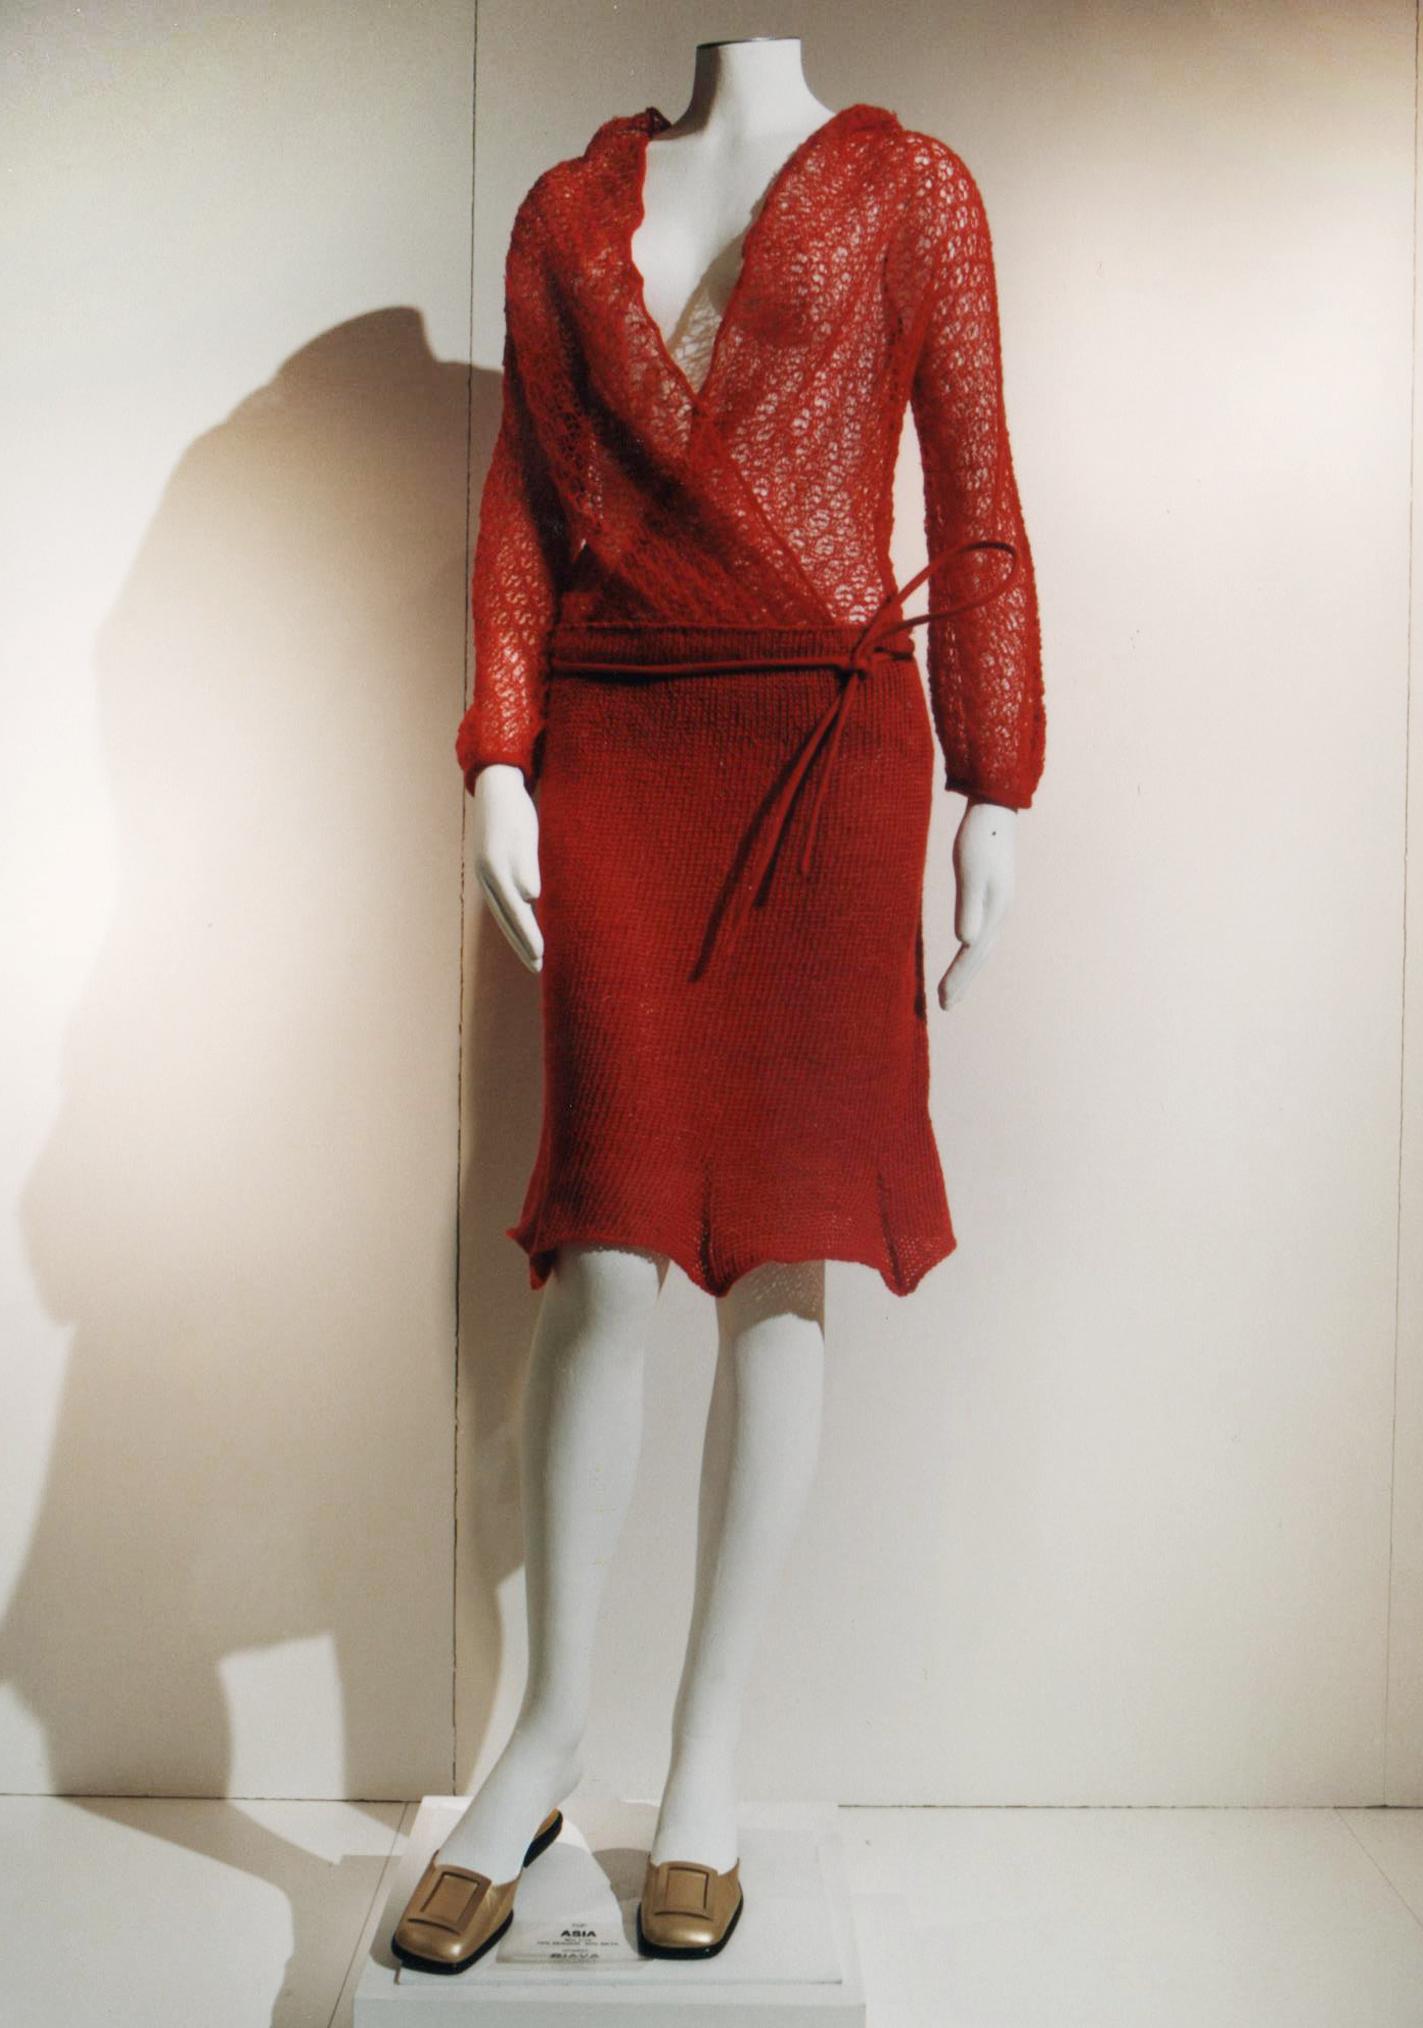 GiulianoeGiusyMarelli_ItalianSummer_2001_MadeInItaly_Knitwear_Design_8.jpg